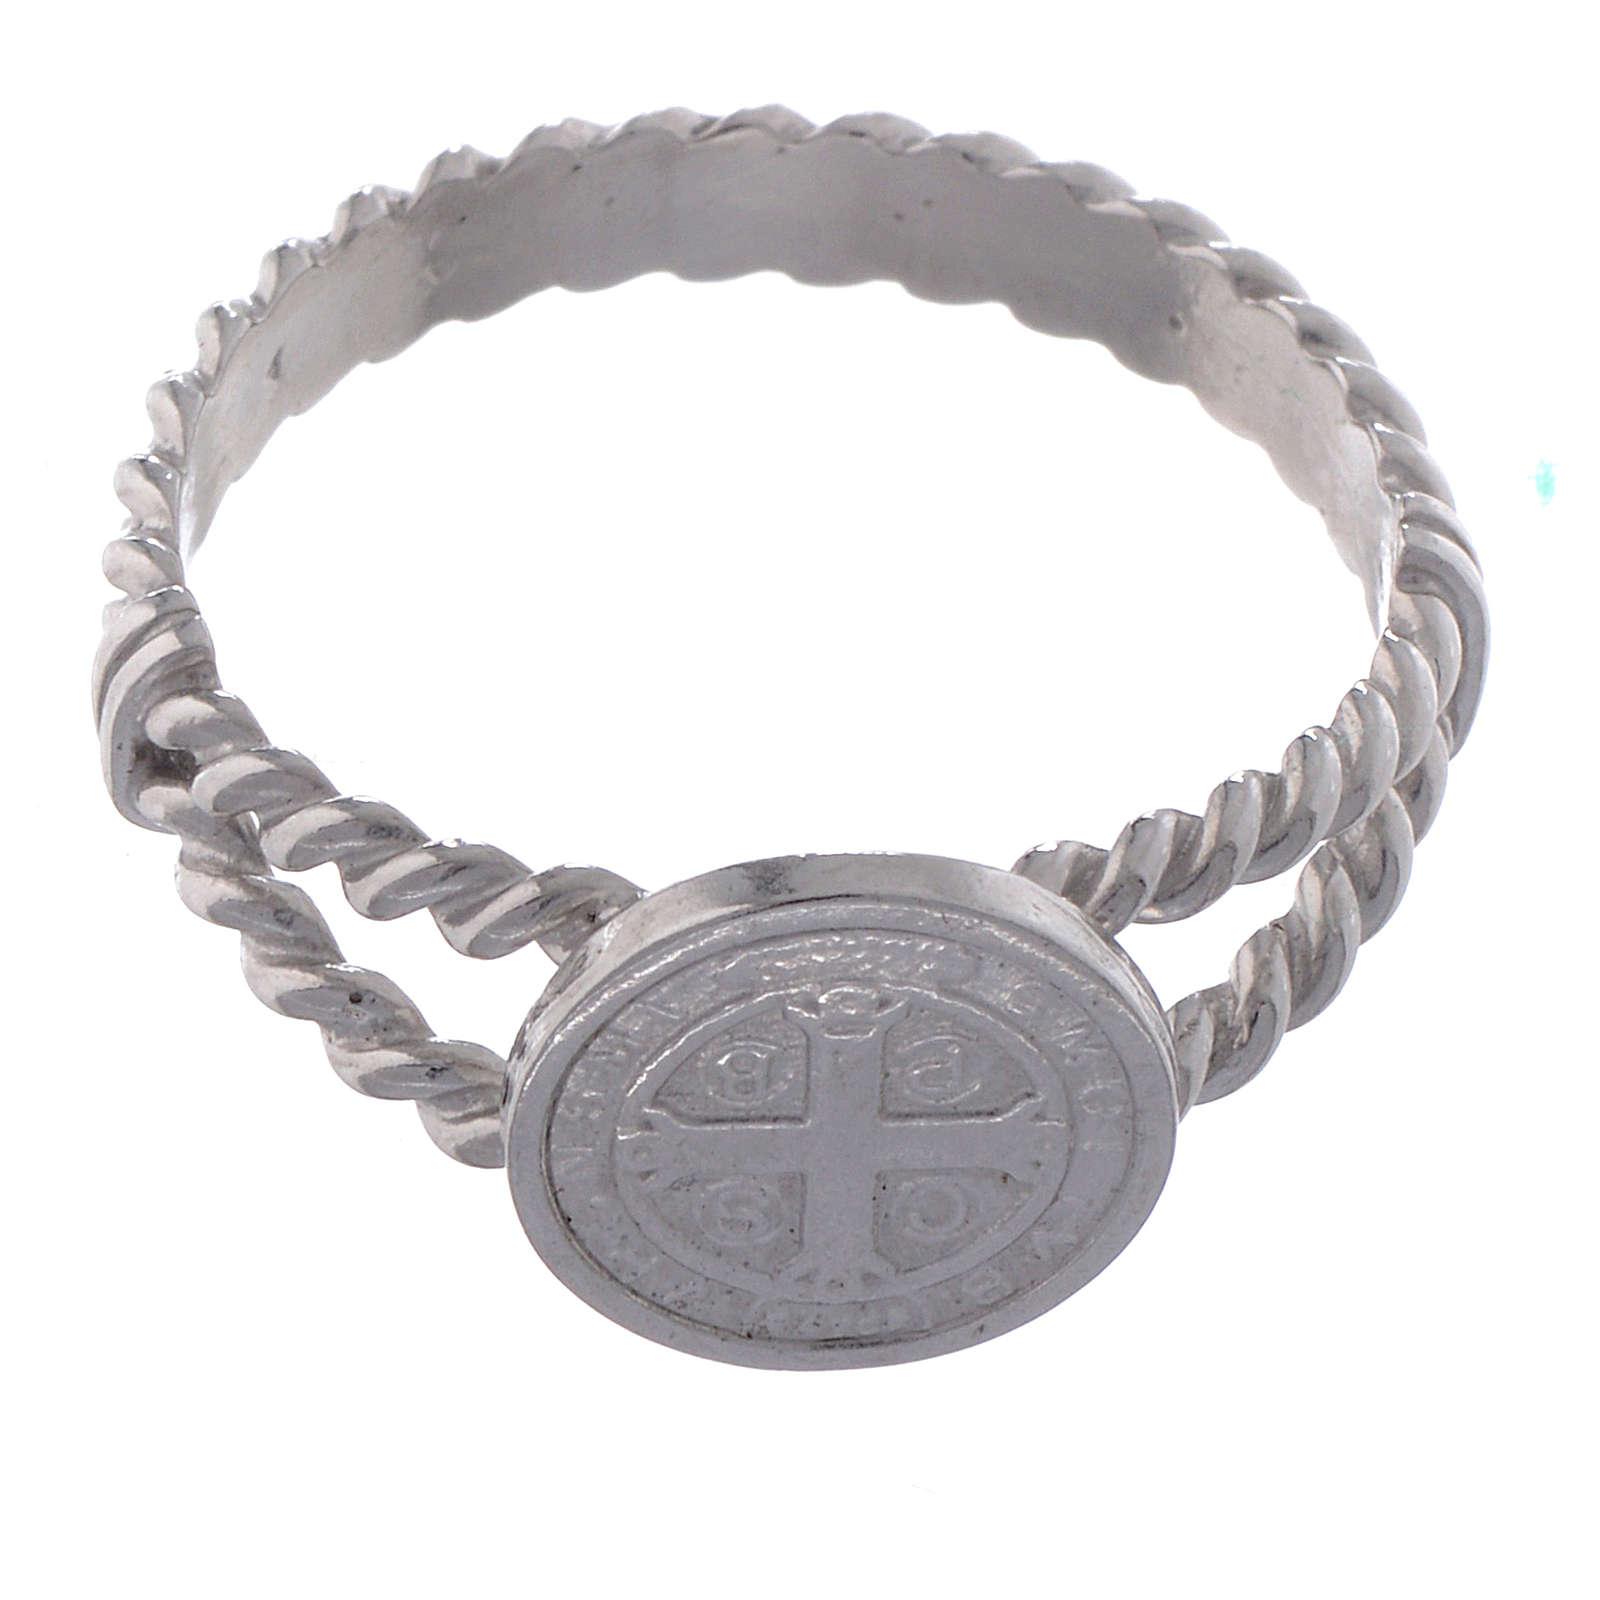 Bague Saint Benoît tressage argent 925 3